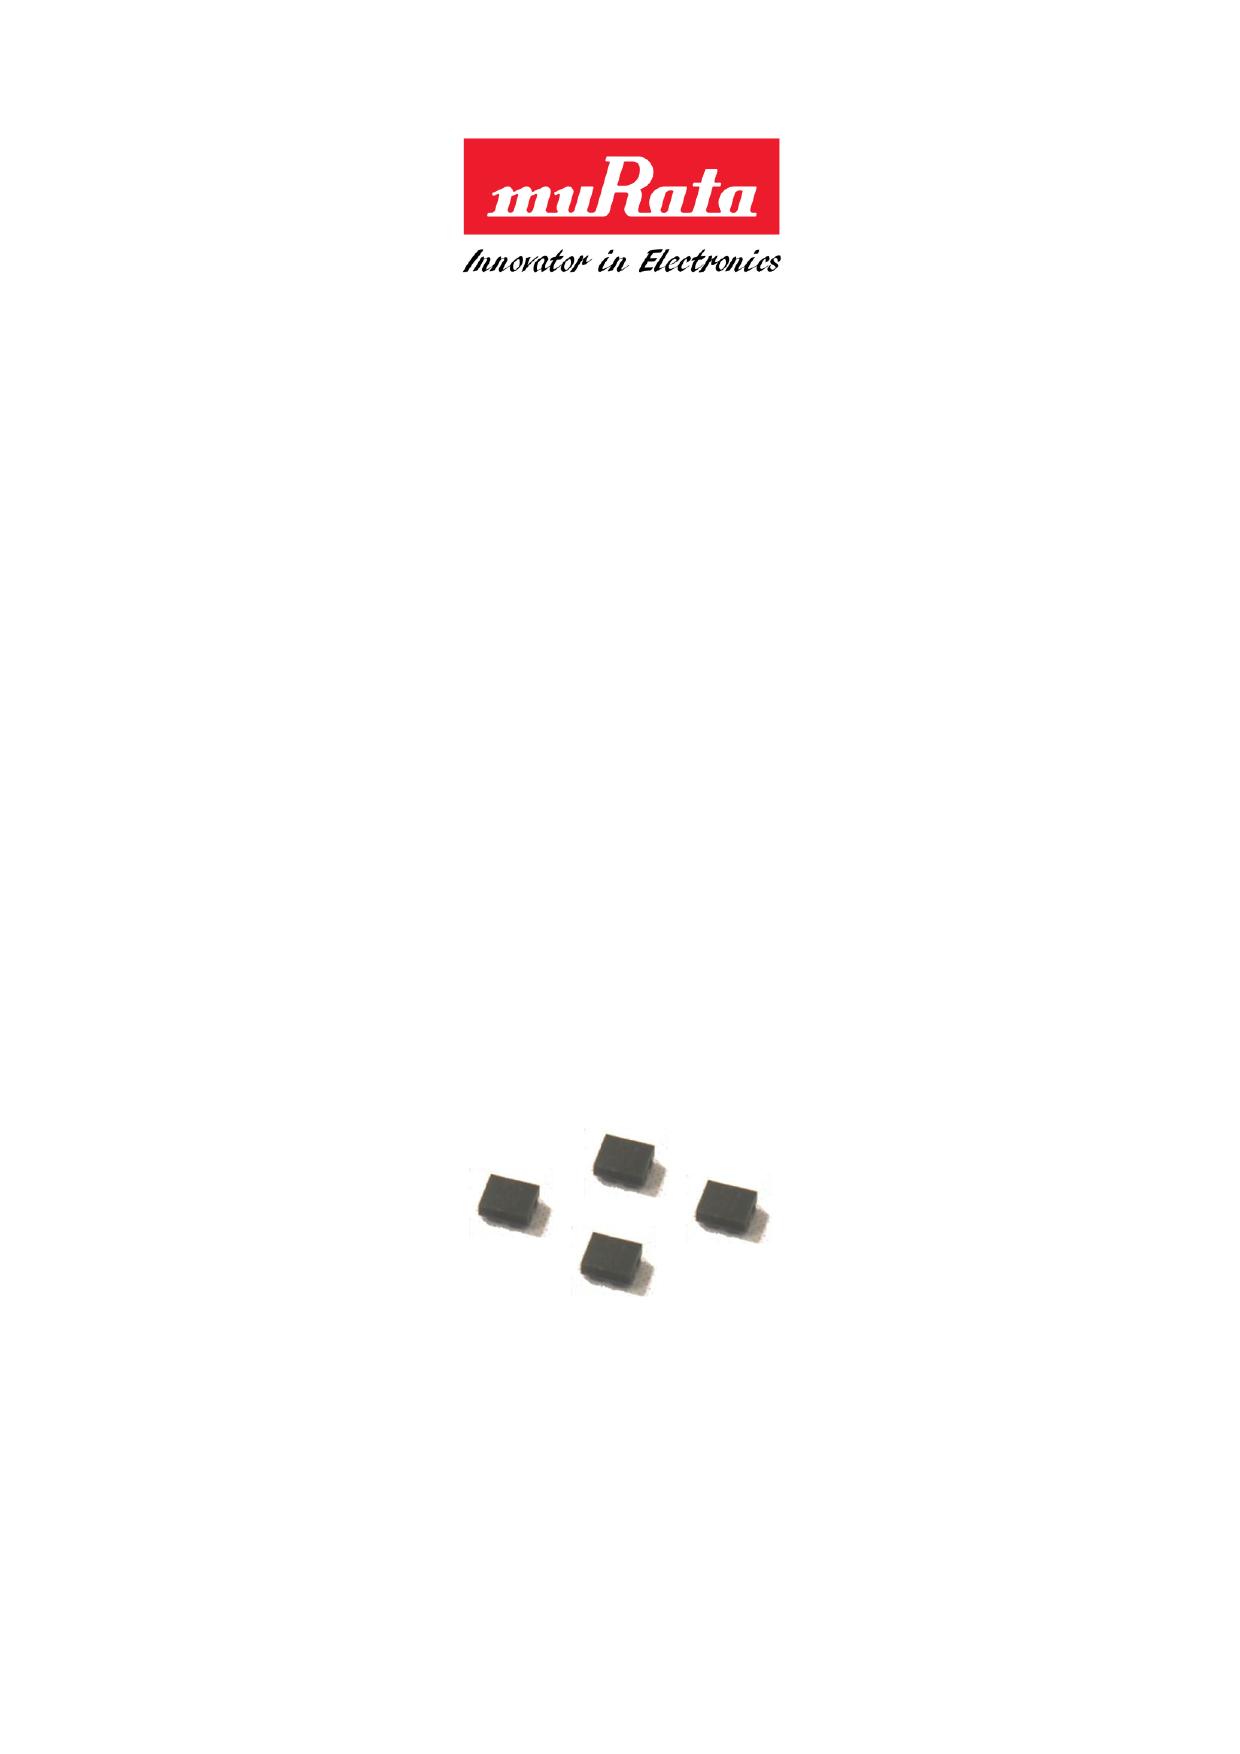 SAFFB806MAA0F0A 데이터시트 및 SAFFB806MAA0F0A PDF